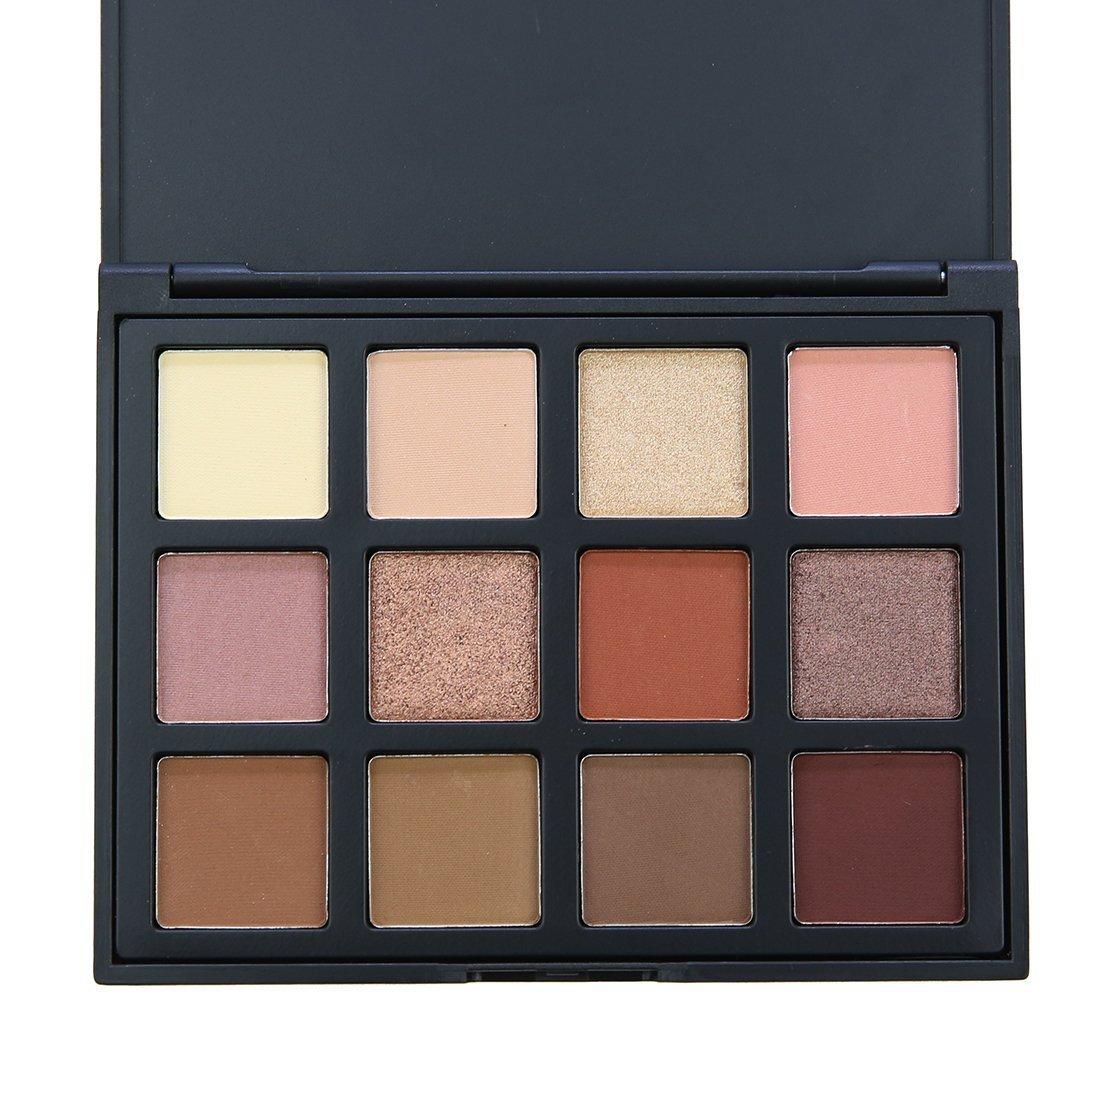 Paleta de sombras para ojos Lover Bar brillantes, 12colores cálidos, mate, neutral, ahumados, resistentes al agua